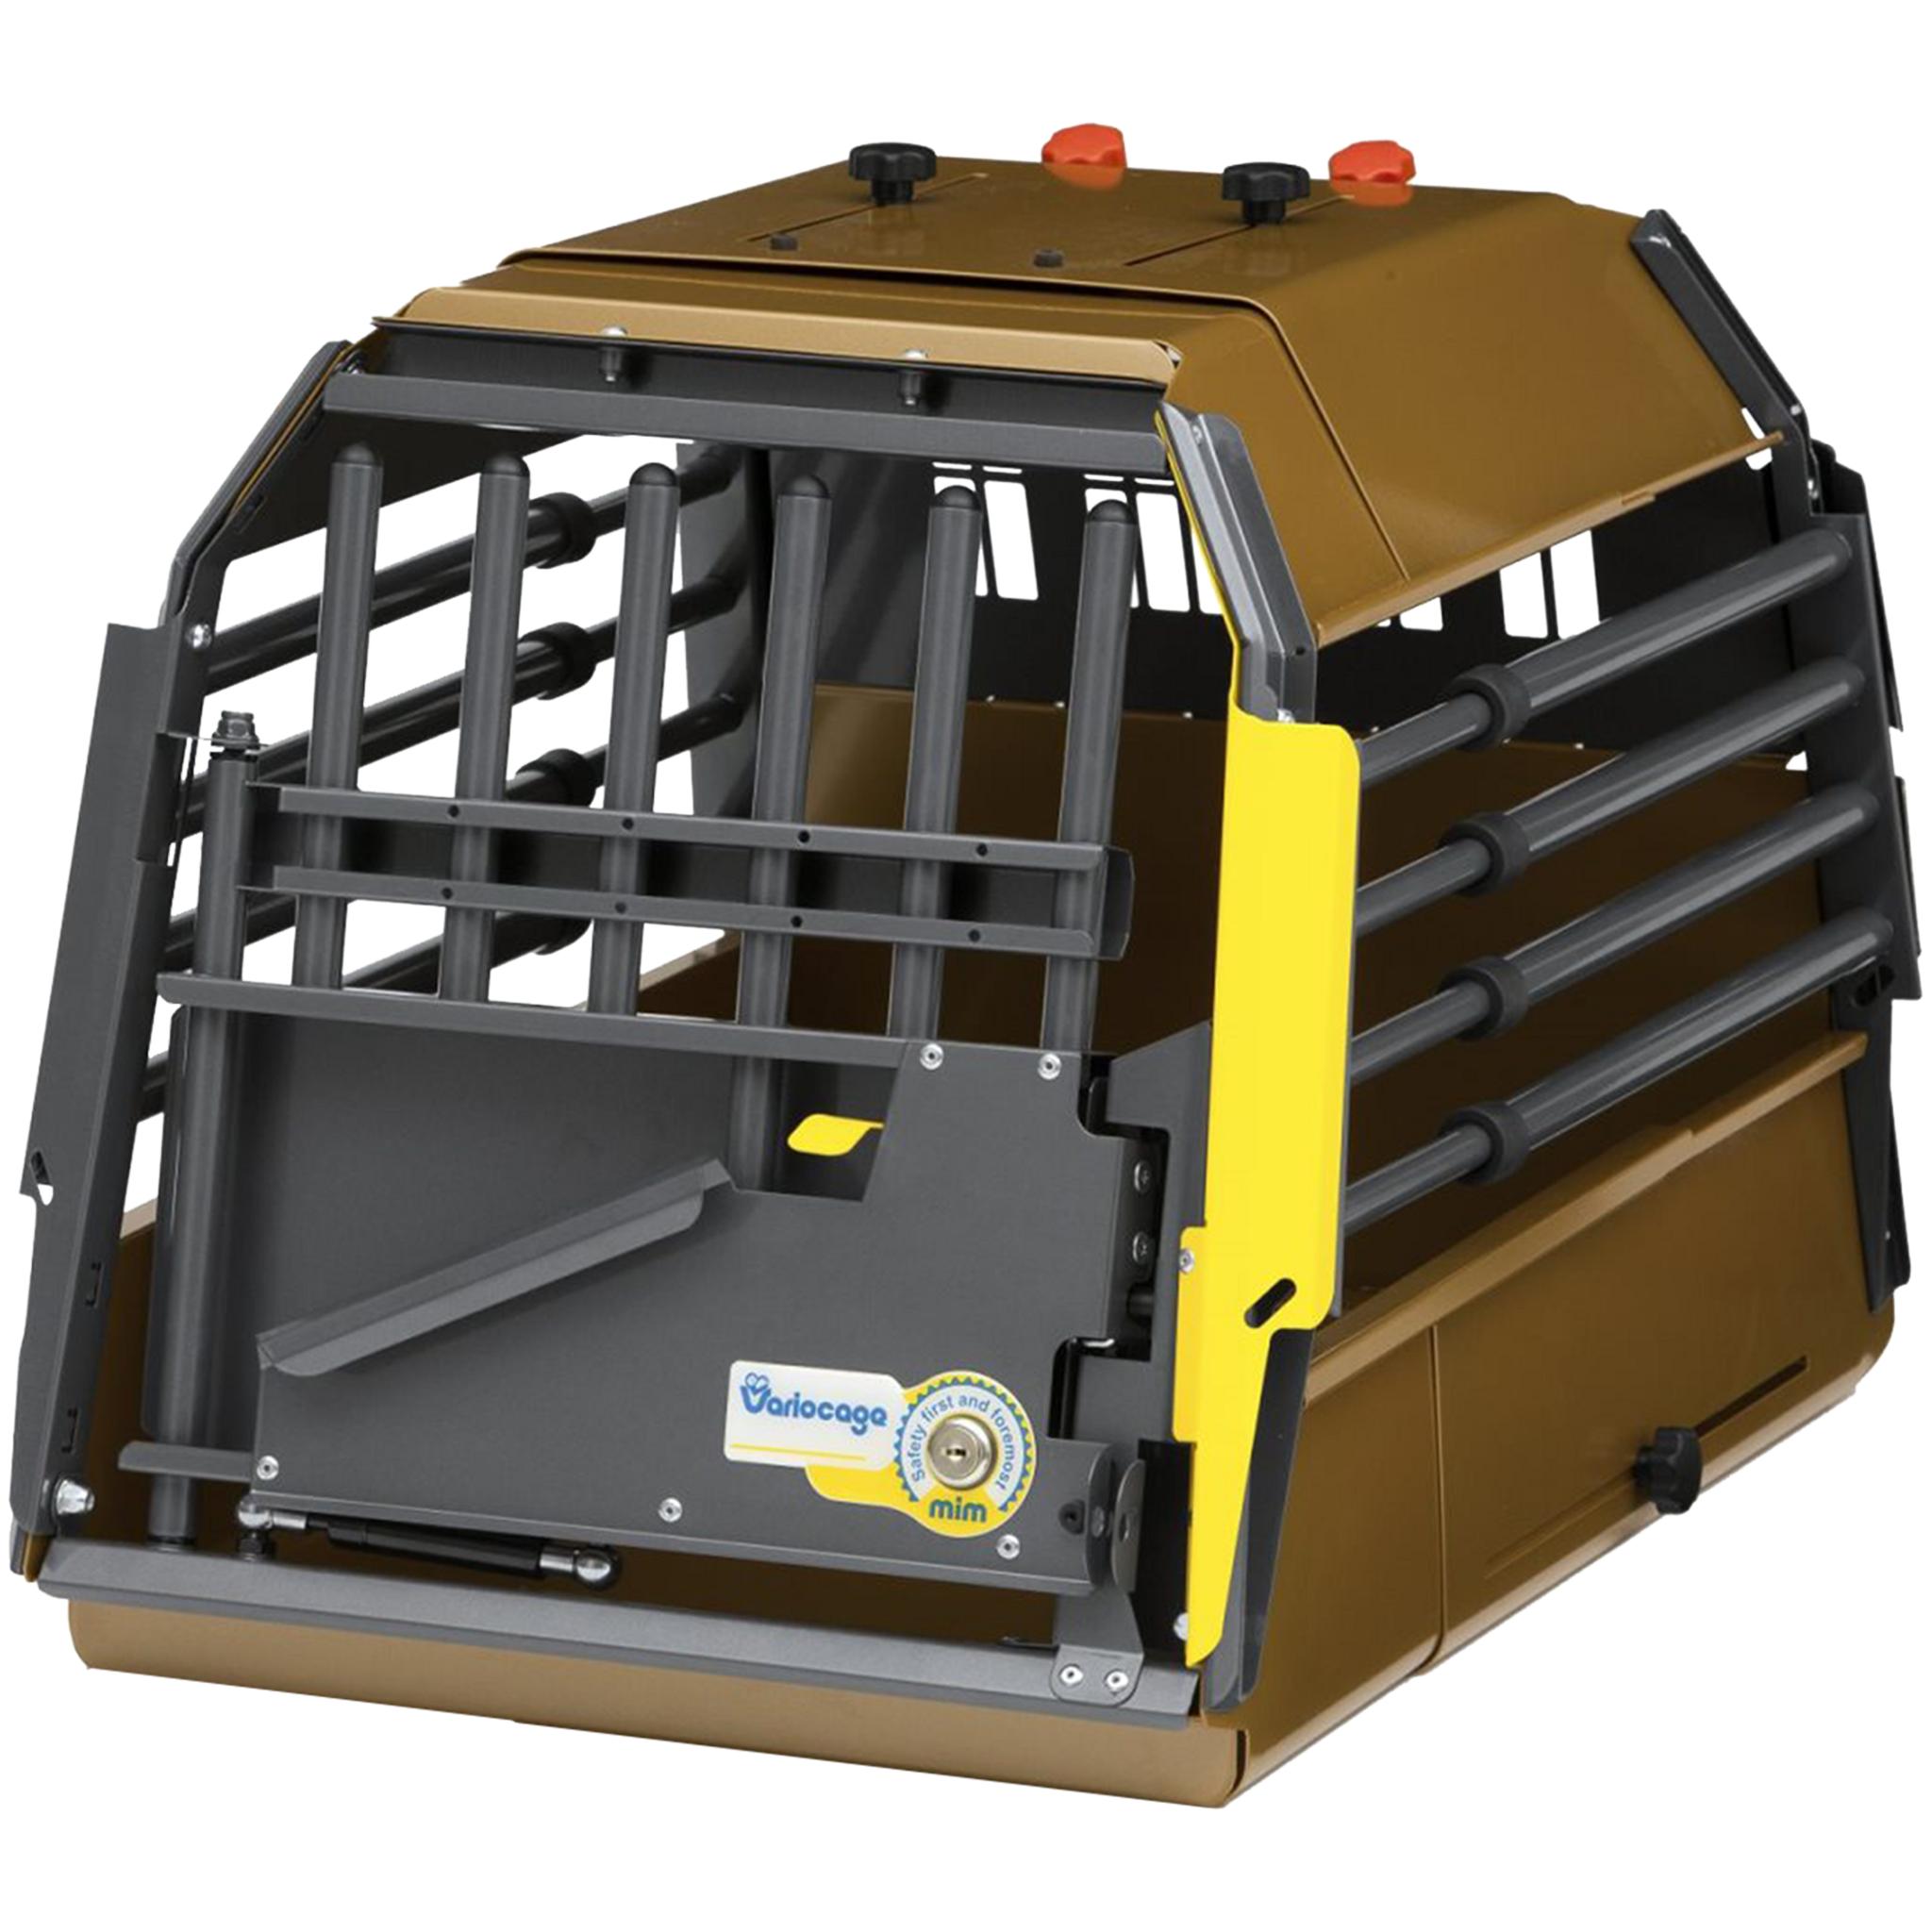 MIM VarioCage MiniMax L, hundebur 57-77x45x45,5cm Grå